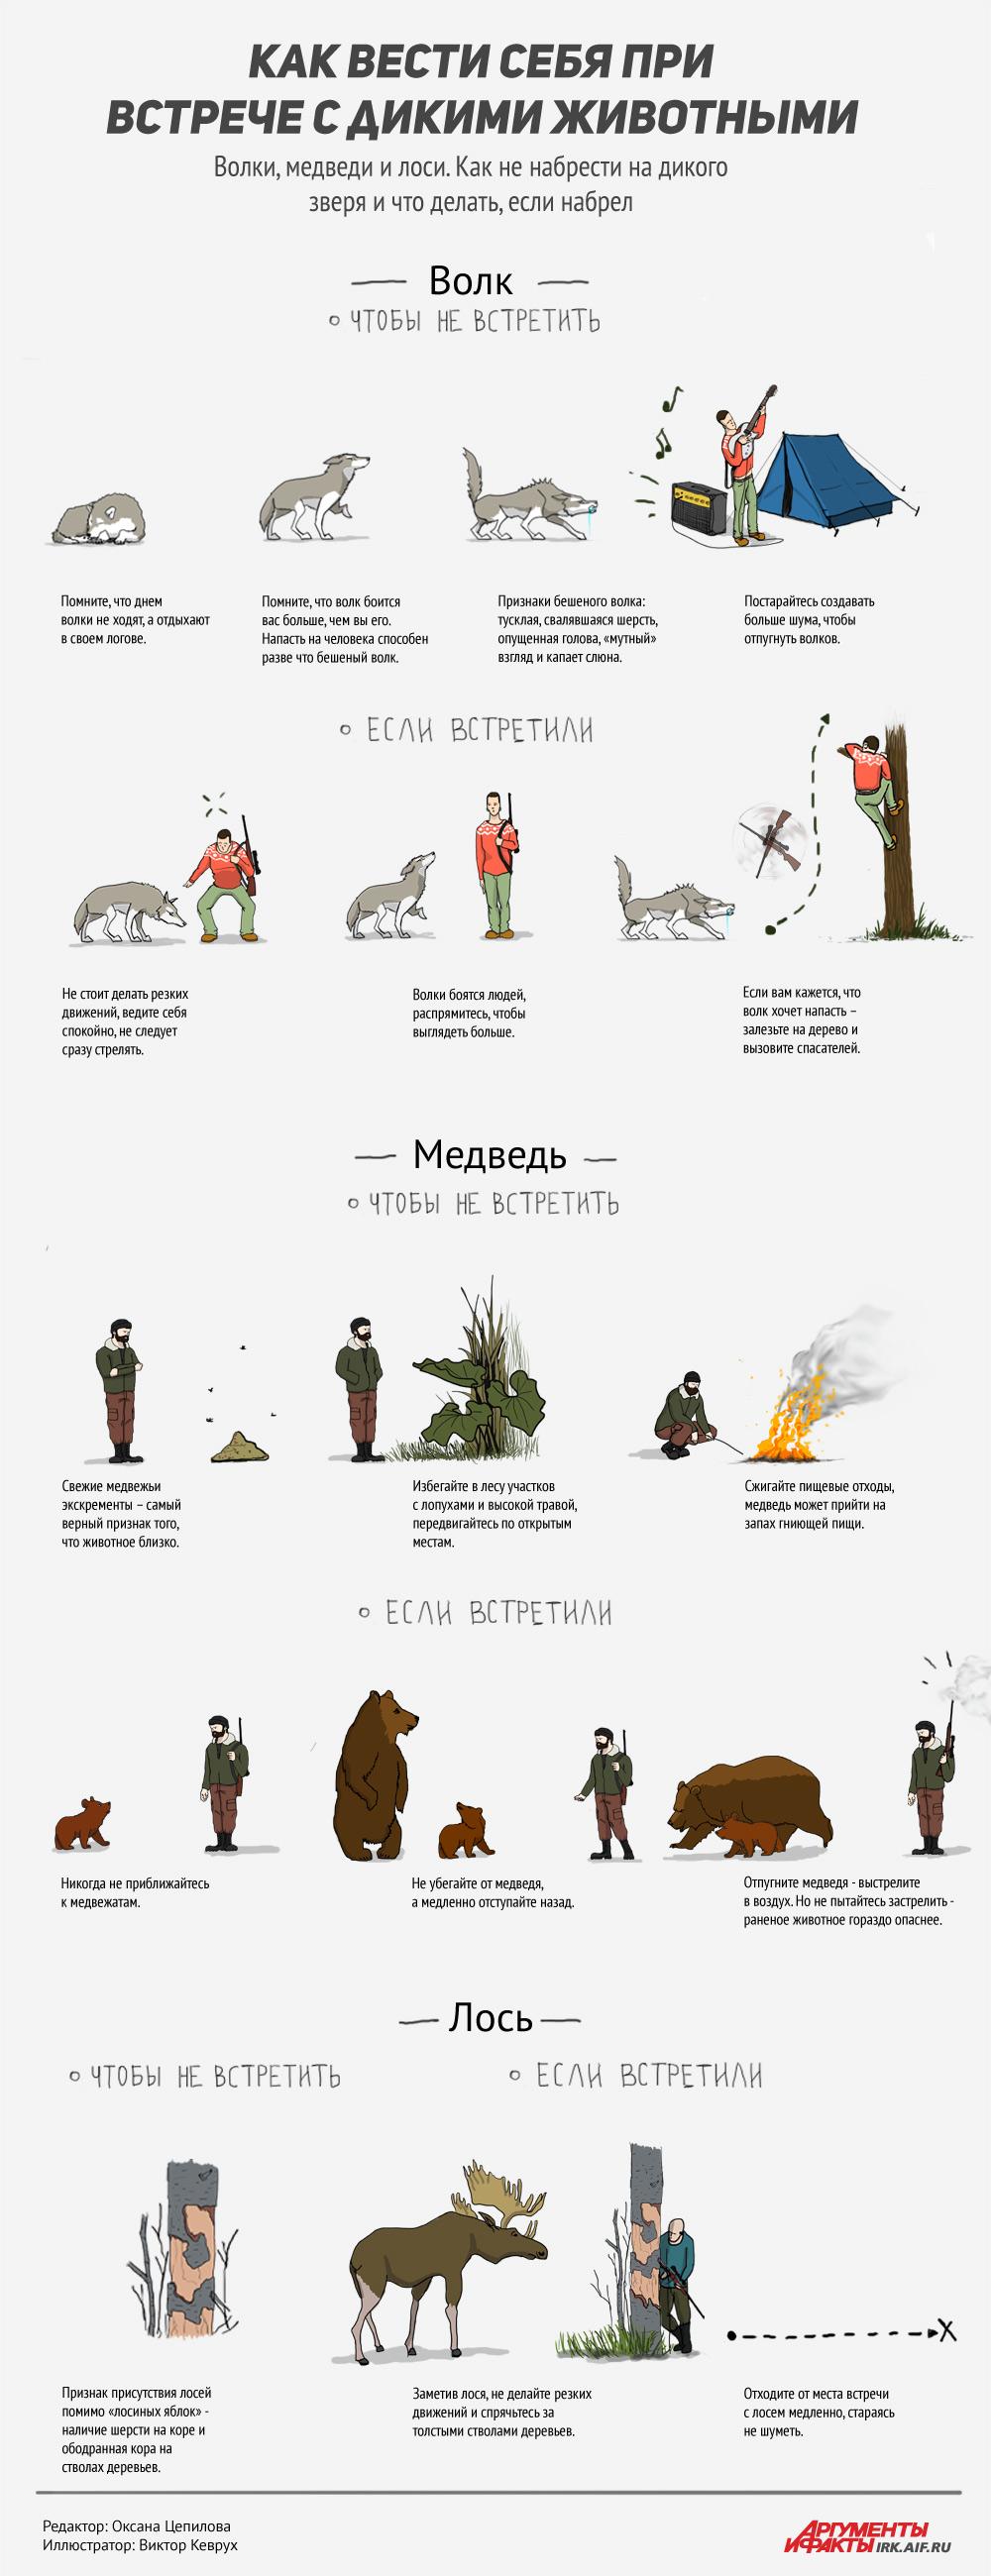 Как вести себя при встрече с дикими животными. Инфографика